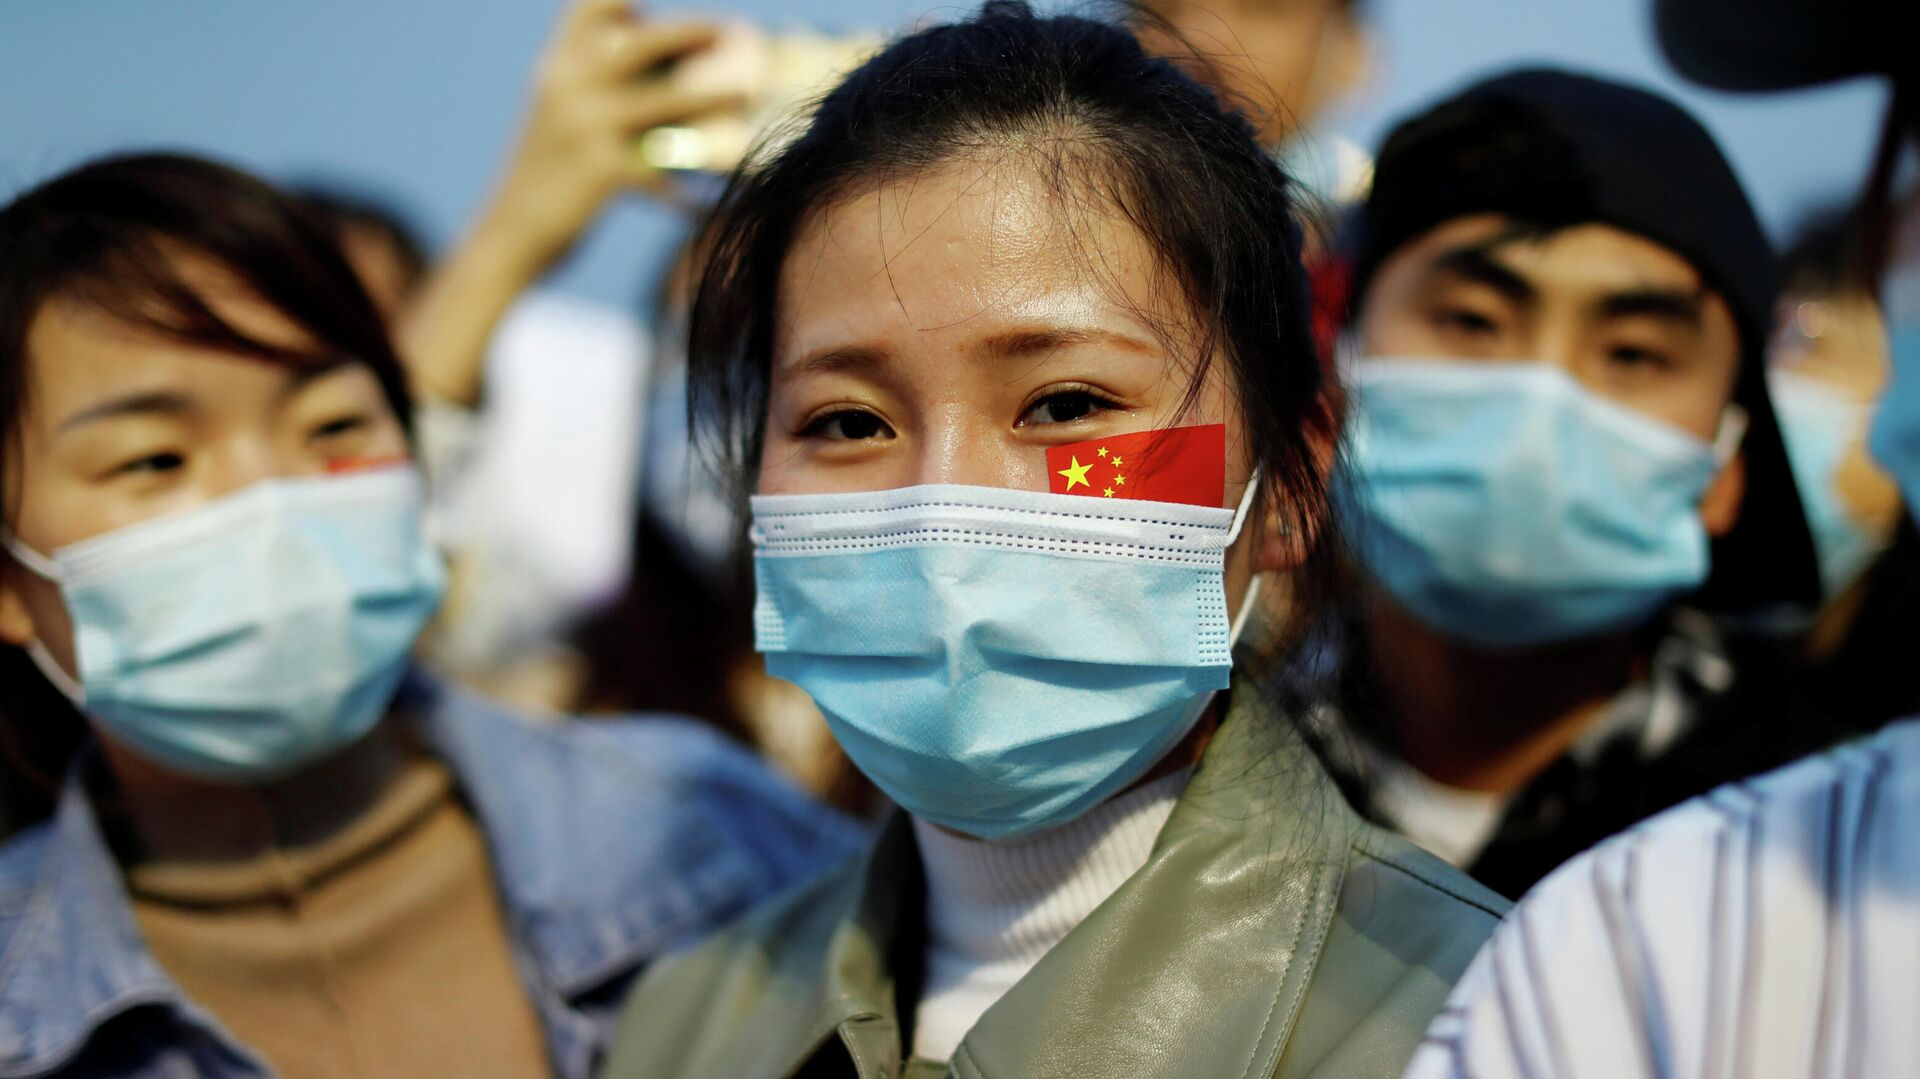 Люди в защитных масках на церемонии поднятия государственного флага на площади Тяньаньмэнь по случаю 71-й годовщины образования КНР - РИА Новости, 1920, 09.10.2020